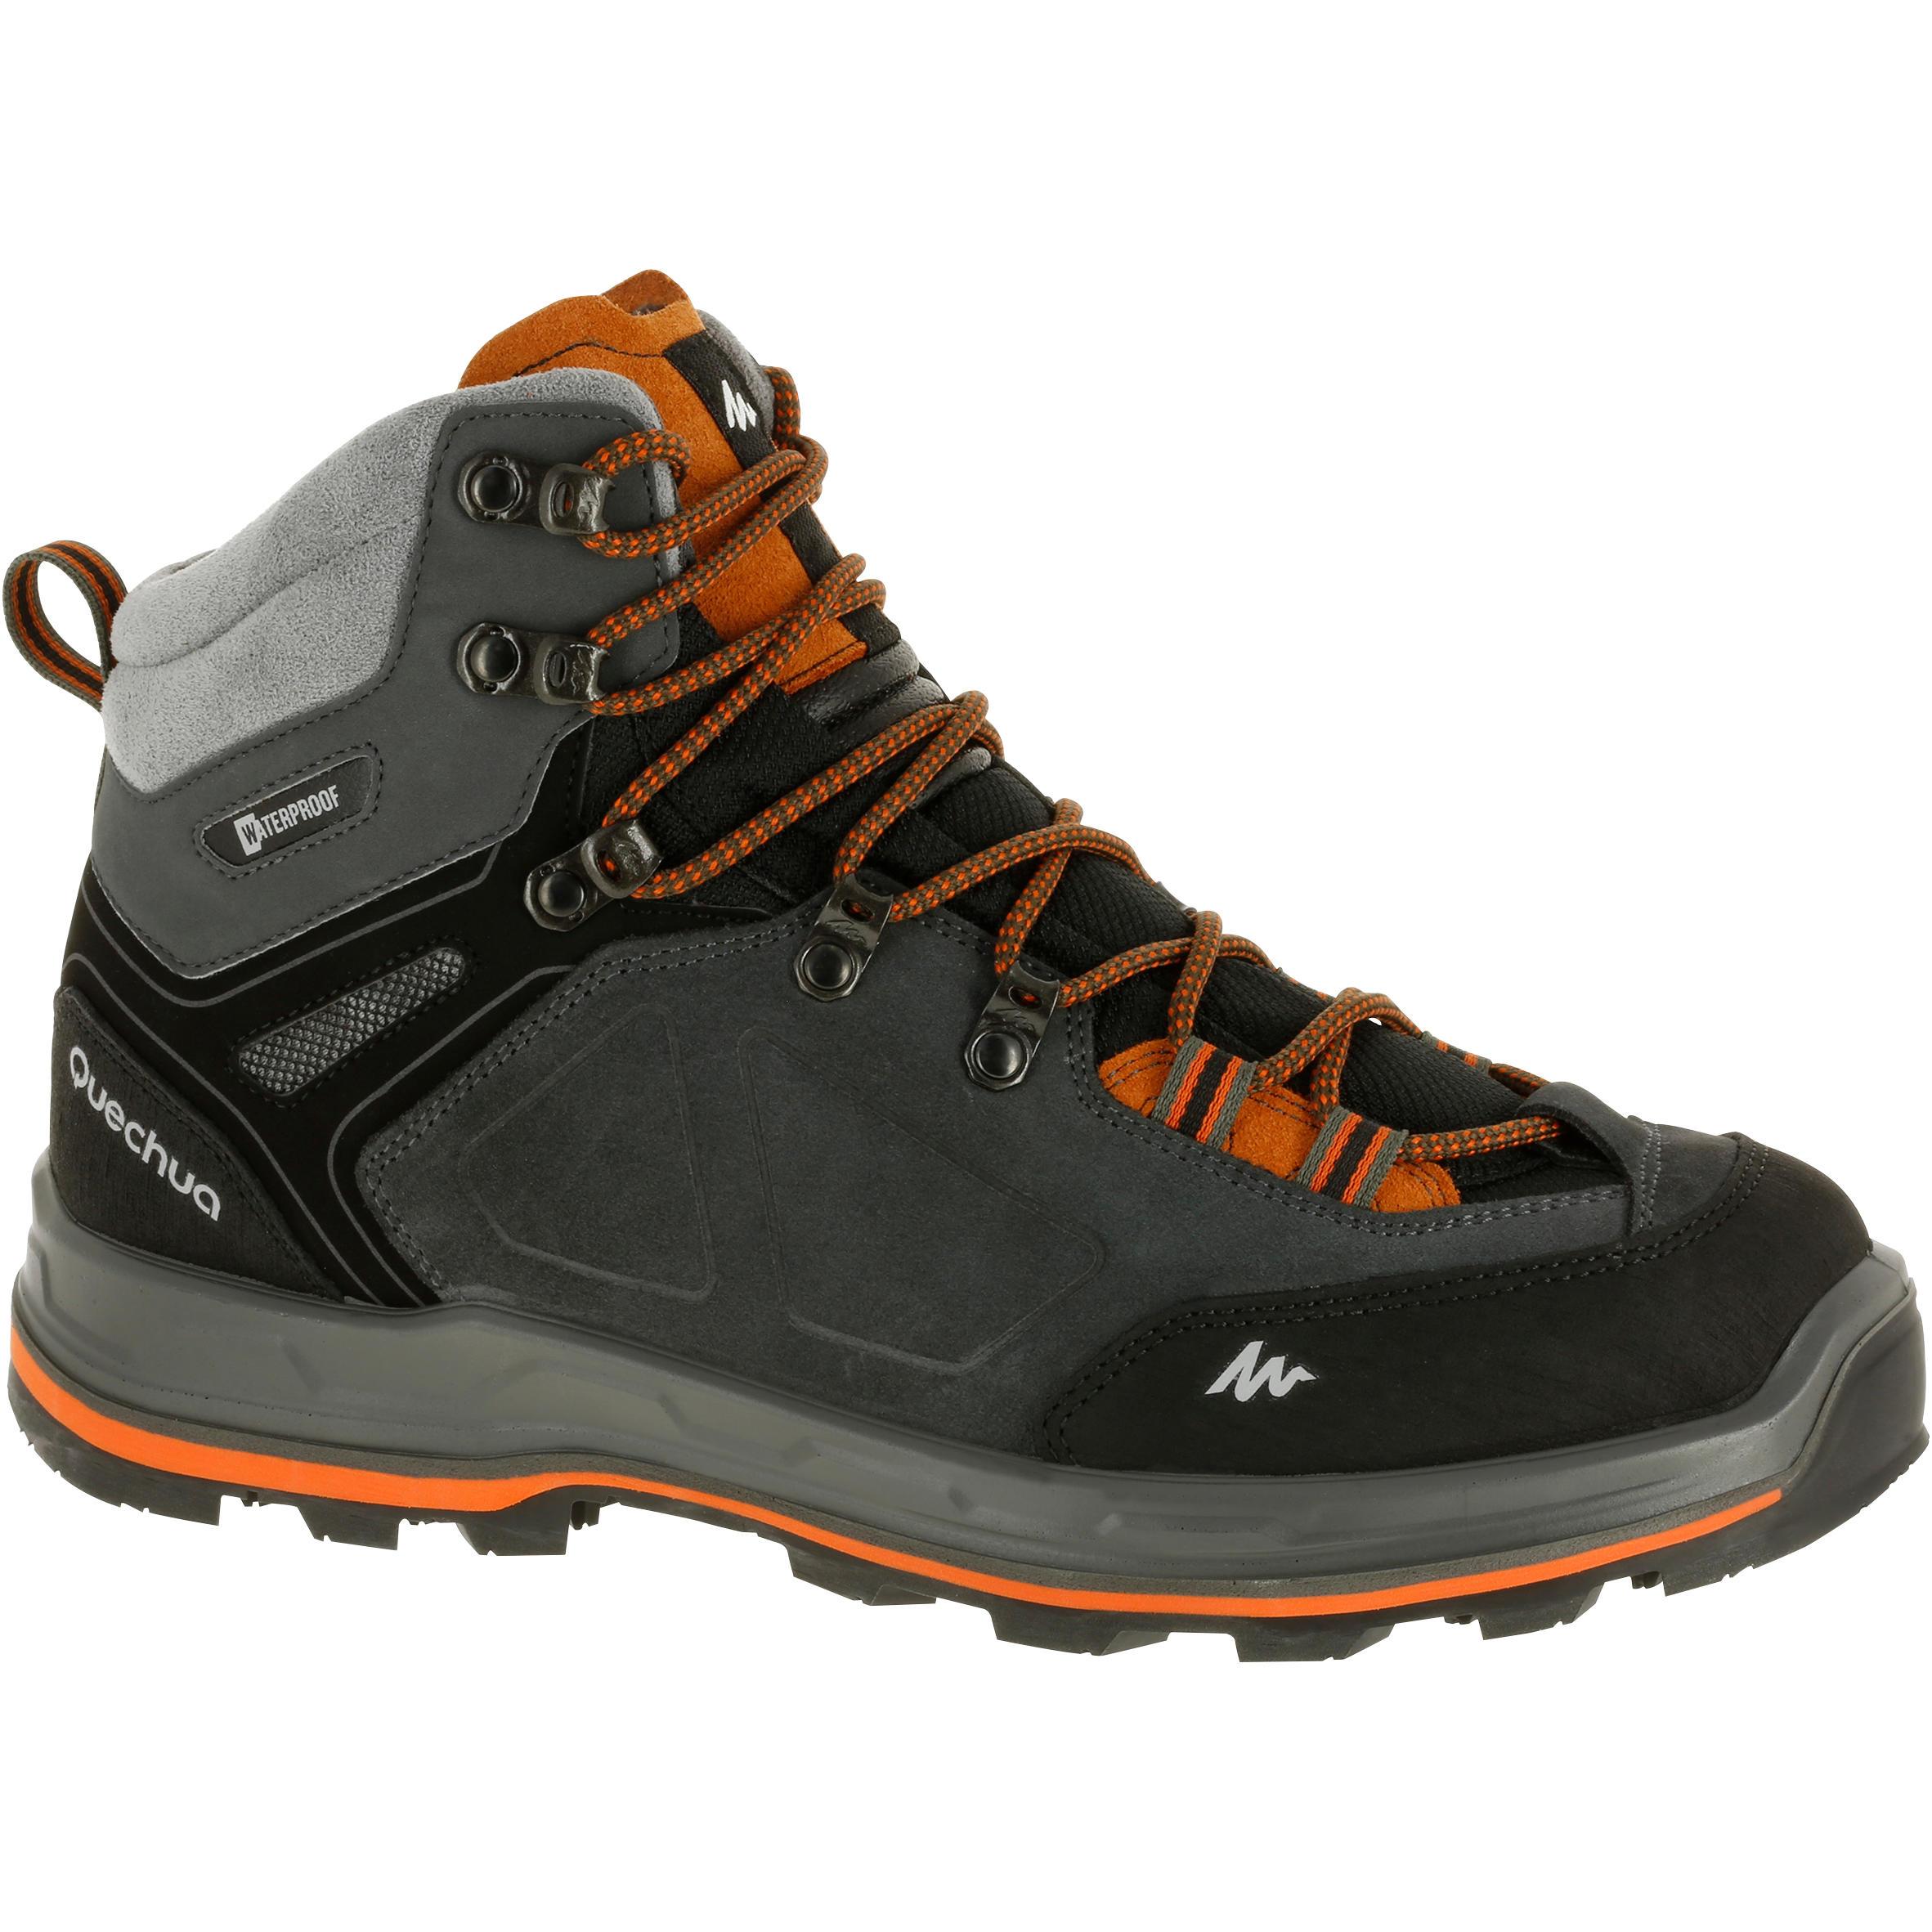 e11bb2195cf Comprar Botas de montaña y trekking TREK 100 hombre